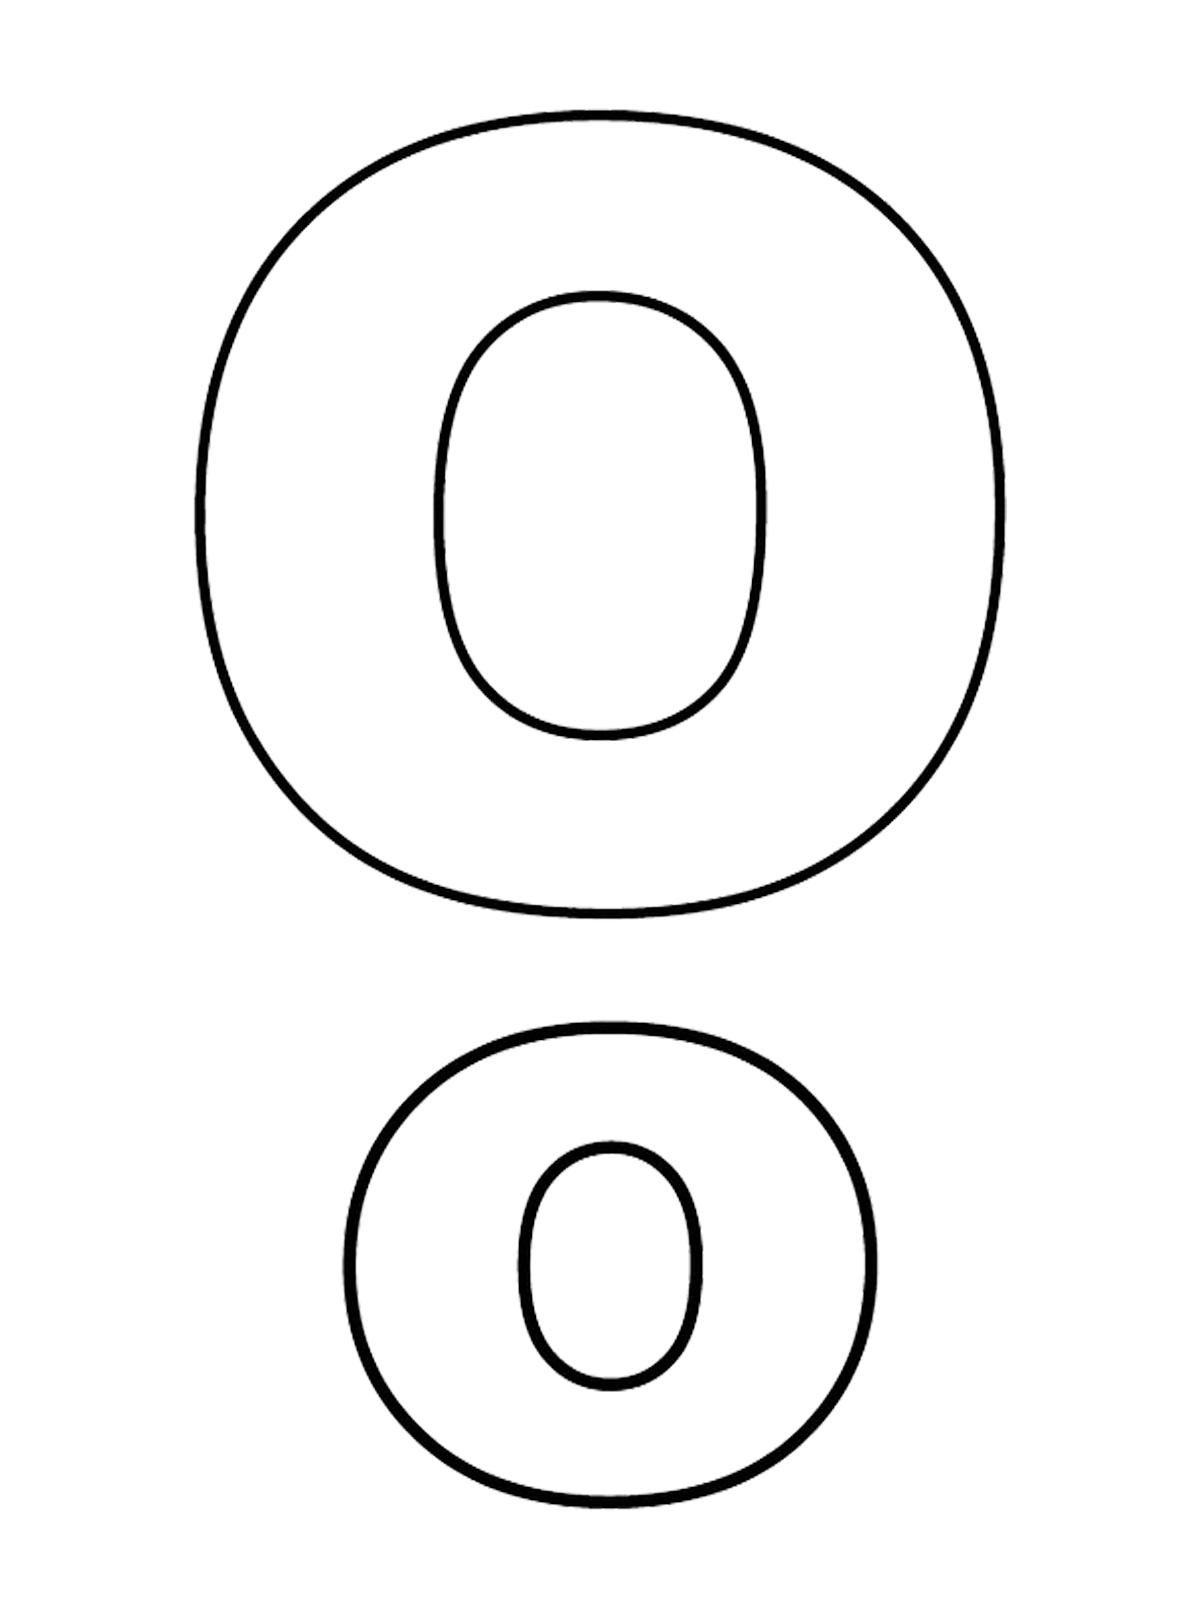 Lettere e numeri - Lettera O stampato maiuscolo e minuscolo